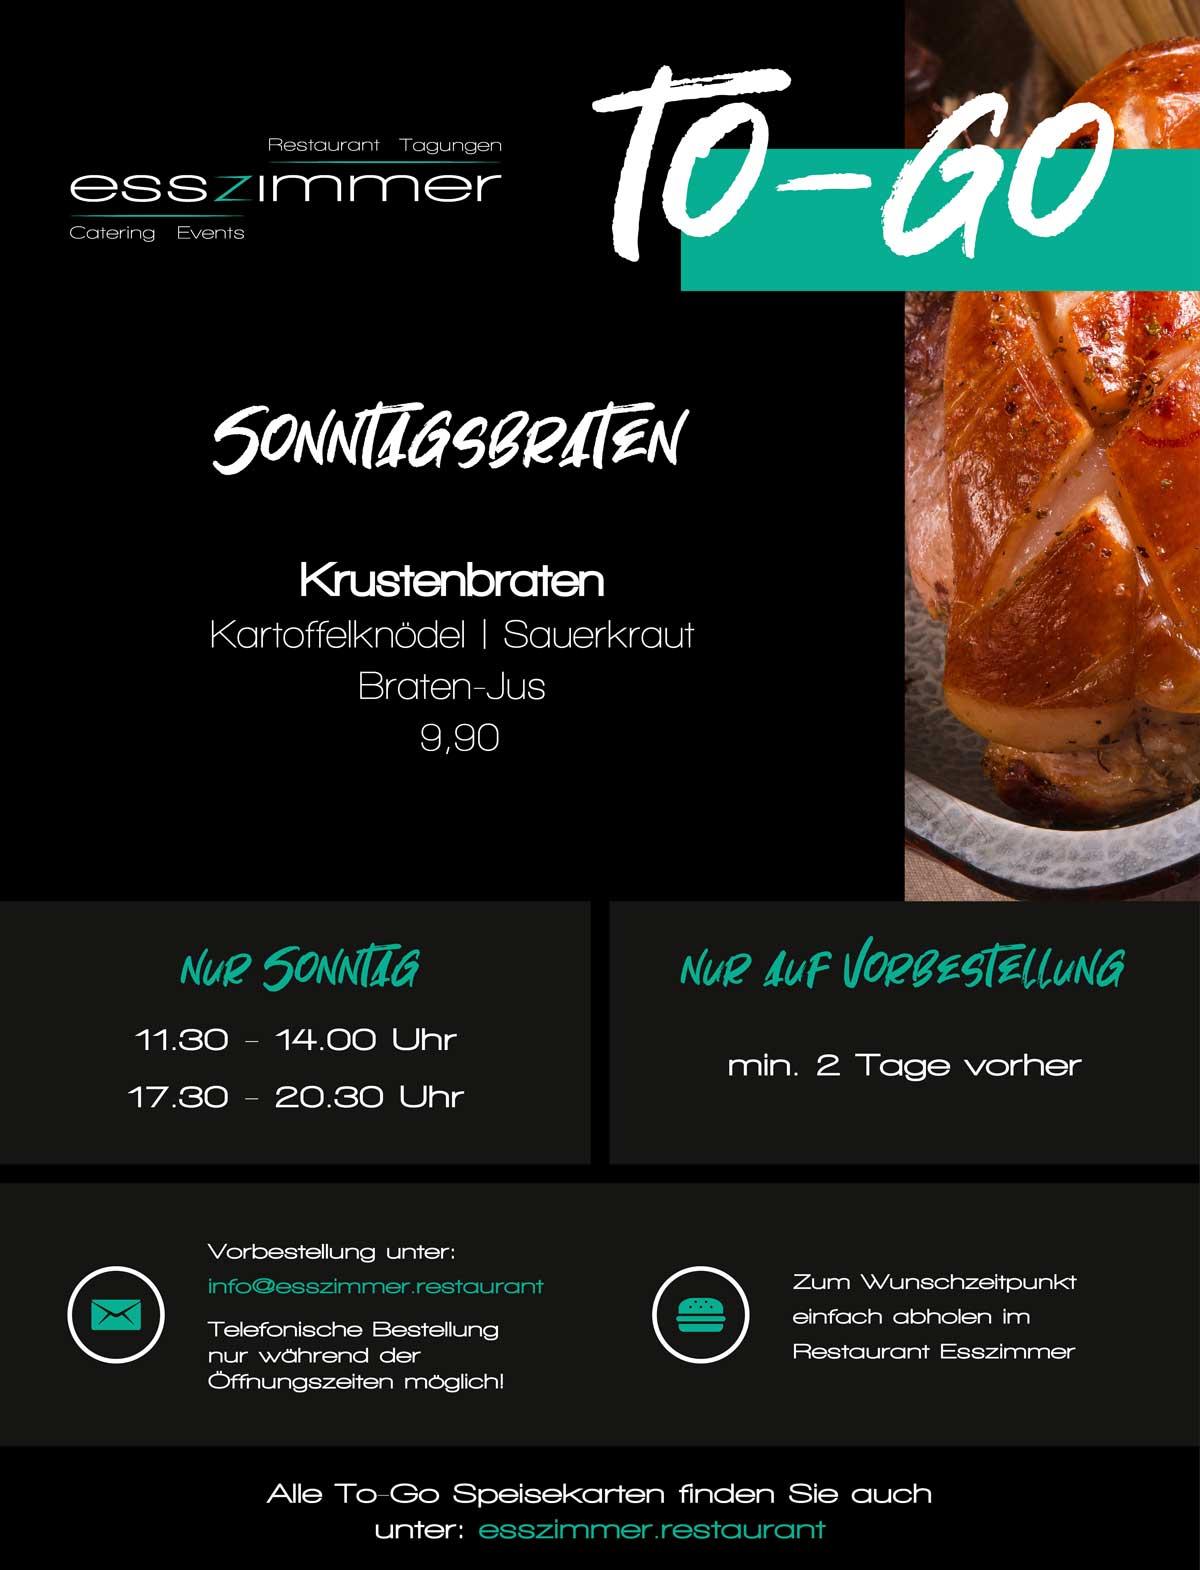 200327-Esszimmer-to-go-Sonntagsbraten-facebook